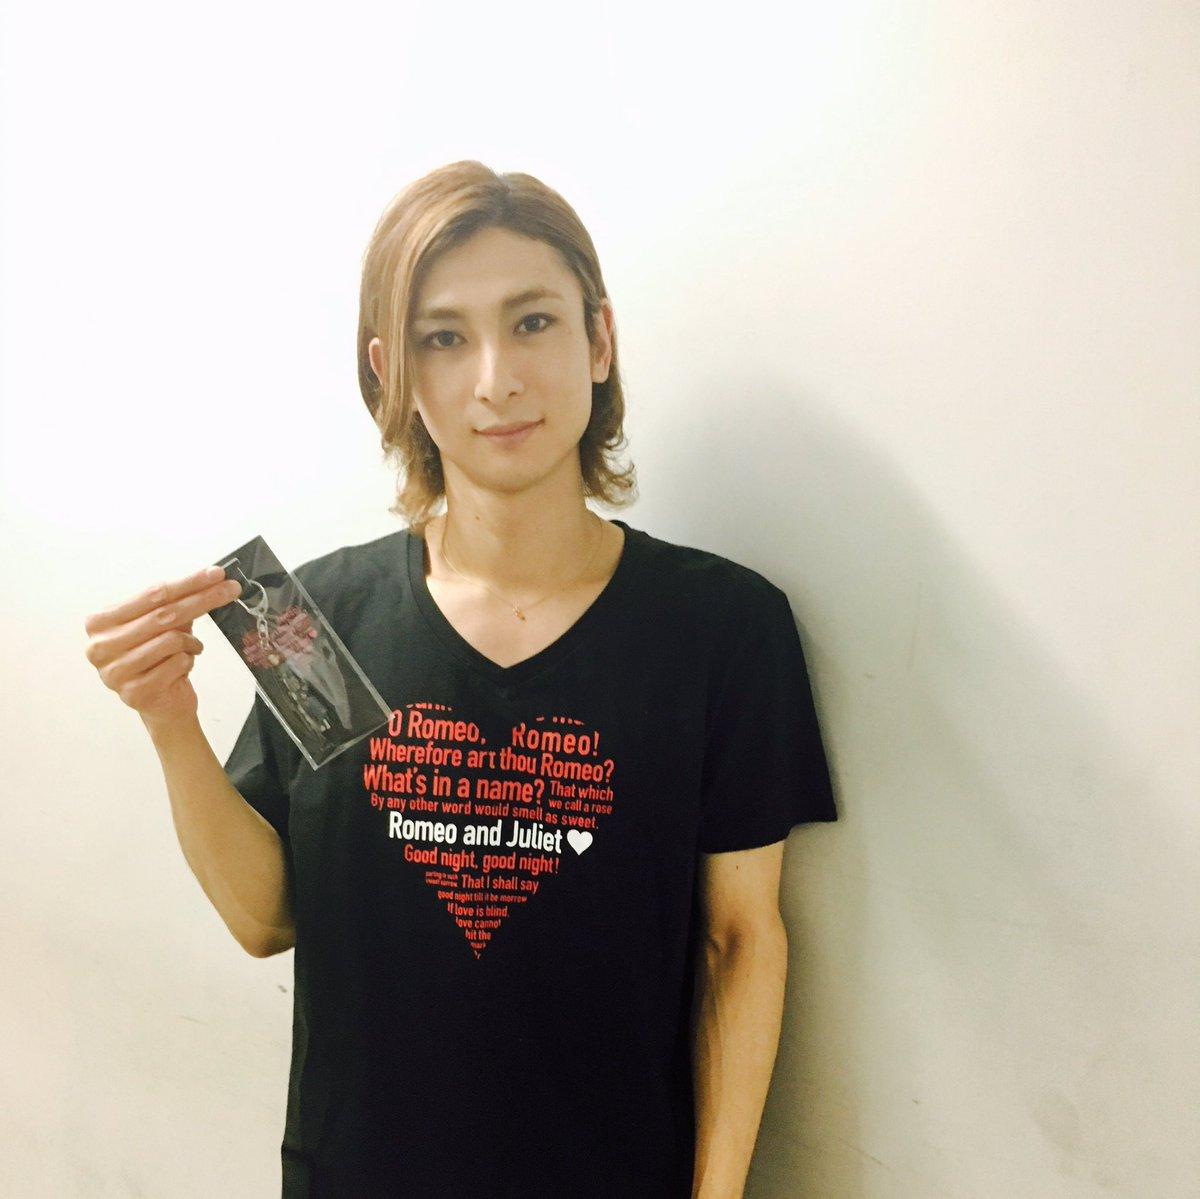 アフタートーク前の #古川雄大 さんを発見!ご本人のアクリルキーホルダーを持っていただき、写真を撮らせて頂きました♪ https://t.co/K2Kkfe15Tr